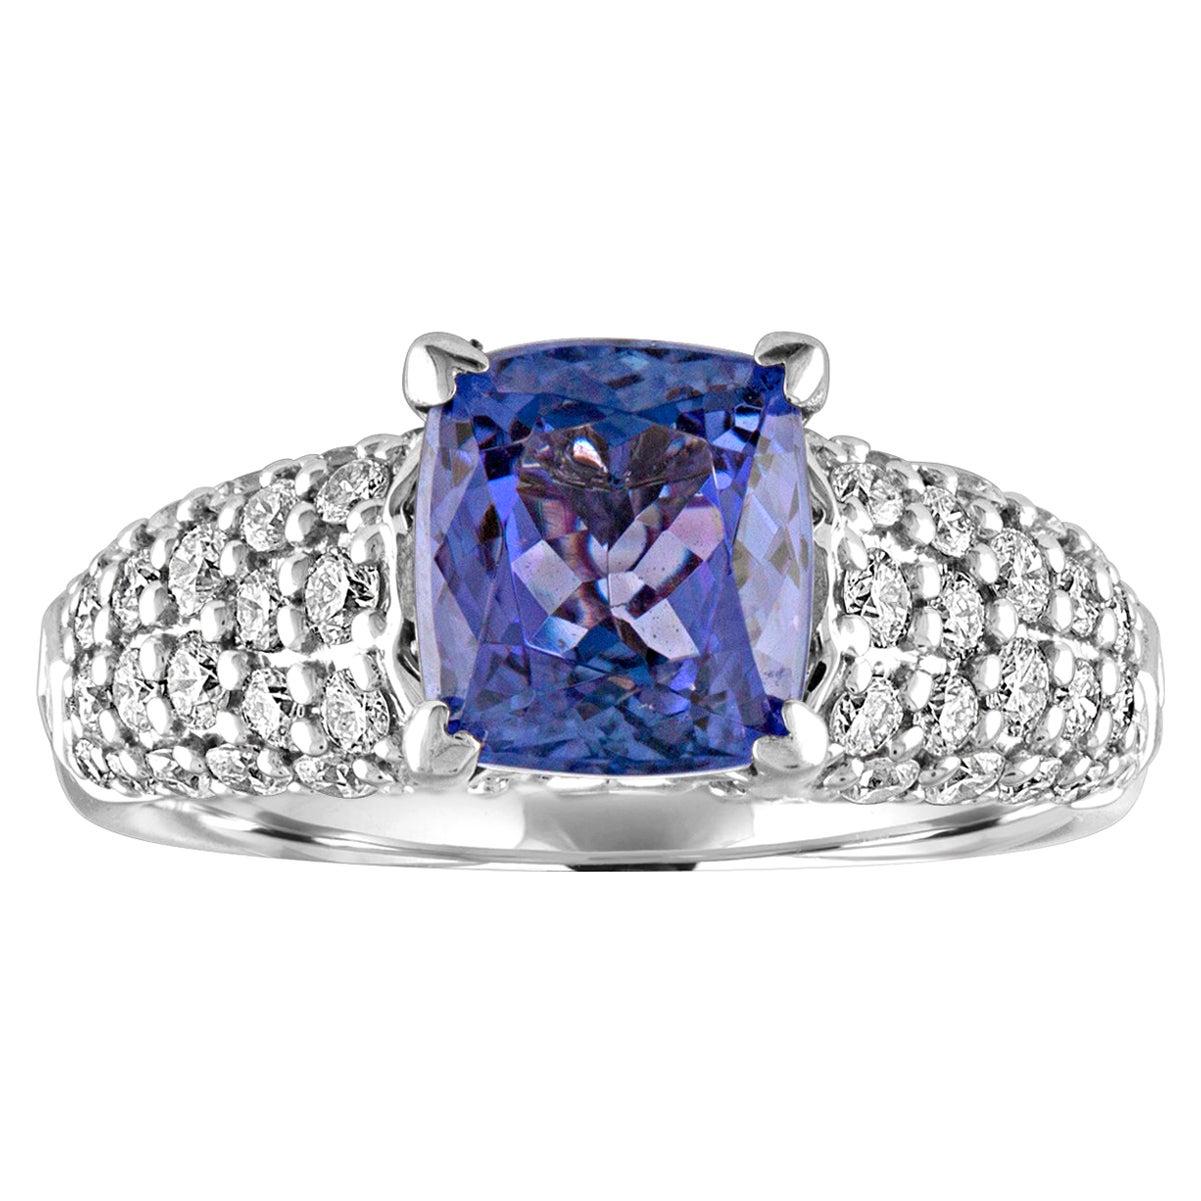 2.97 Carat Cushion Tanzanite Diamond Gold Pave Ring